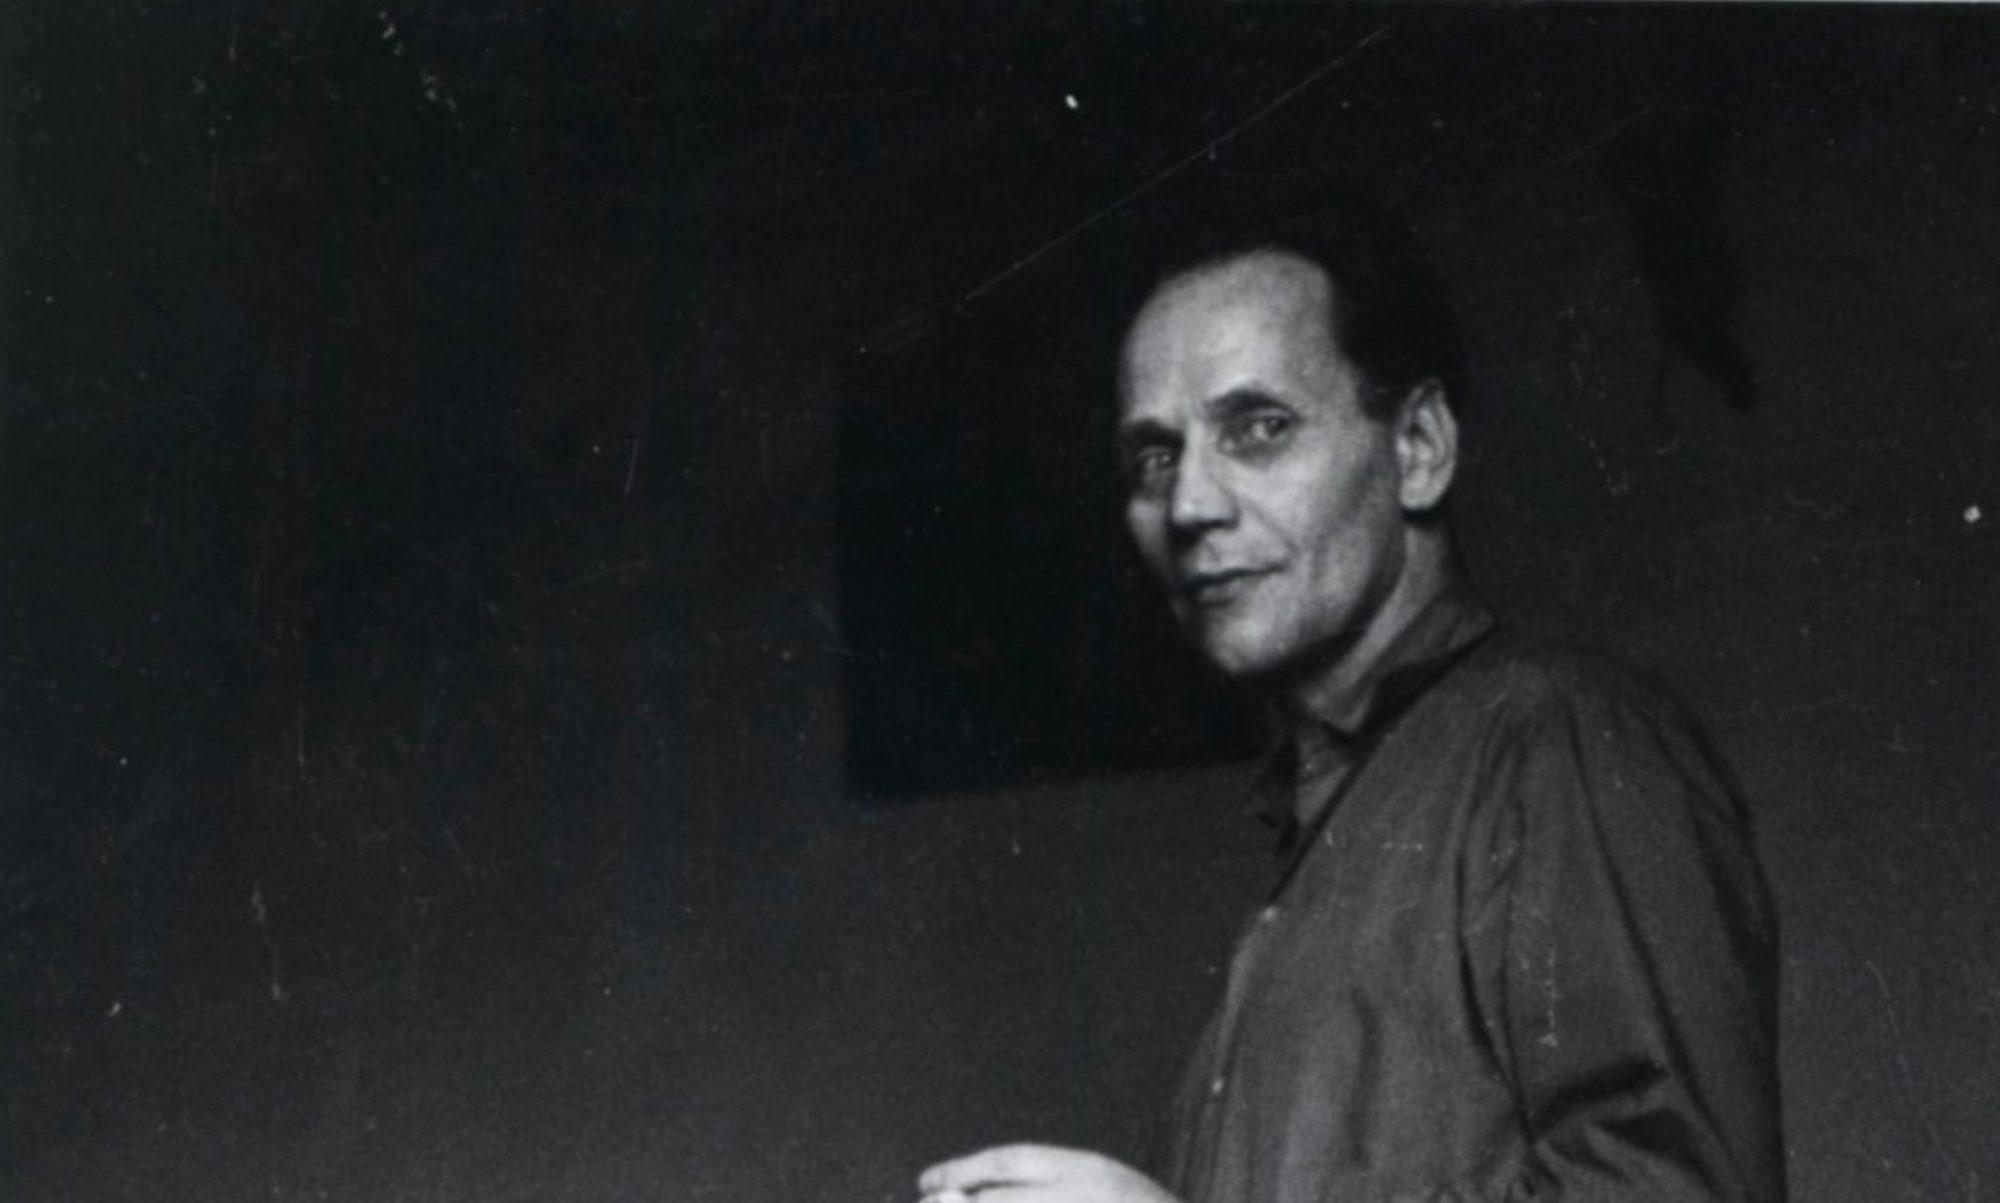 Fundacja imienia Mirona Białoszewskiego